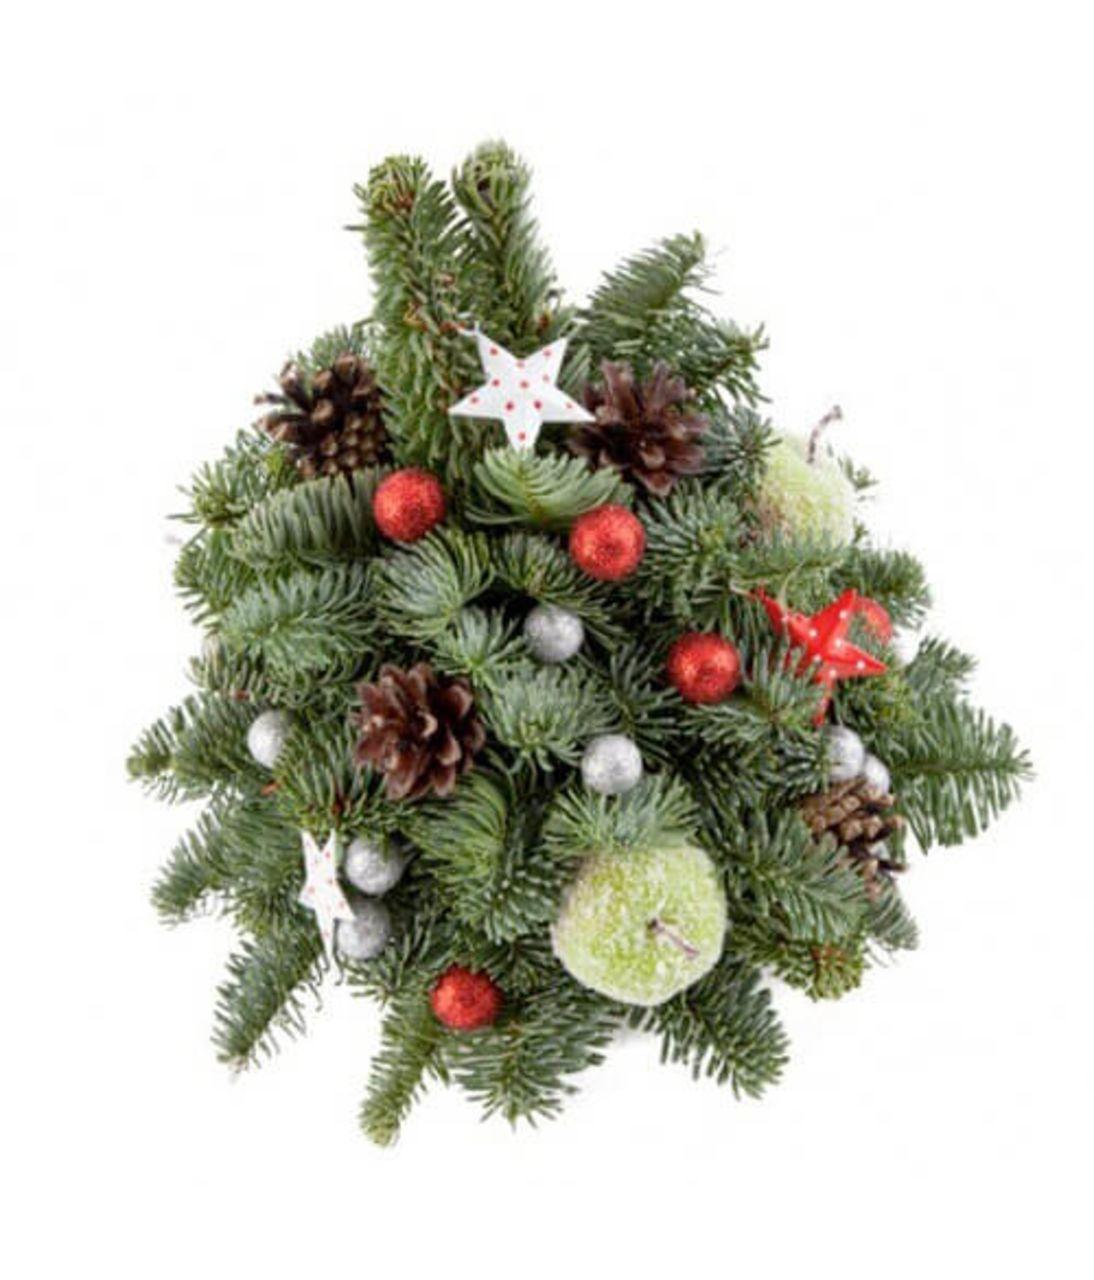 """Новорічна композиція """"Ялинка"""". superflowers.com.ua. Купити різдвяну композицію на новий рік"""